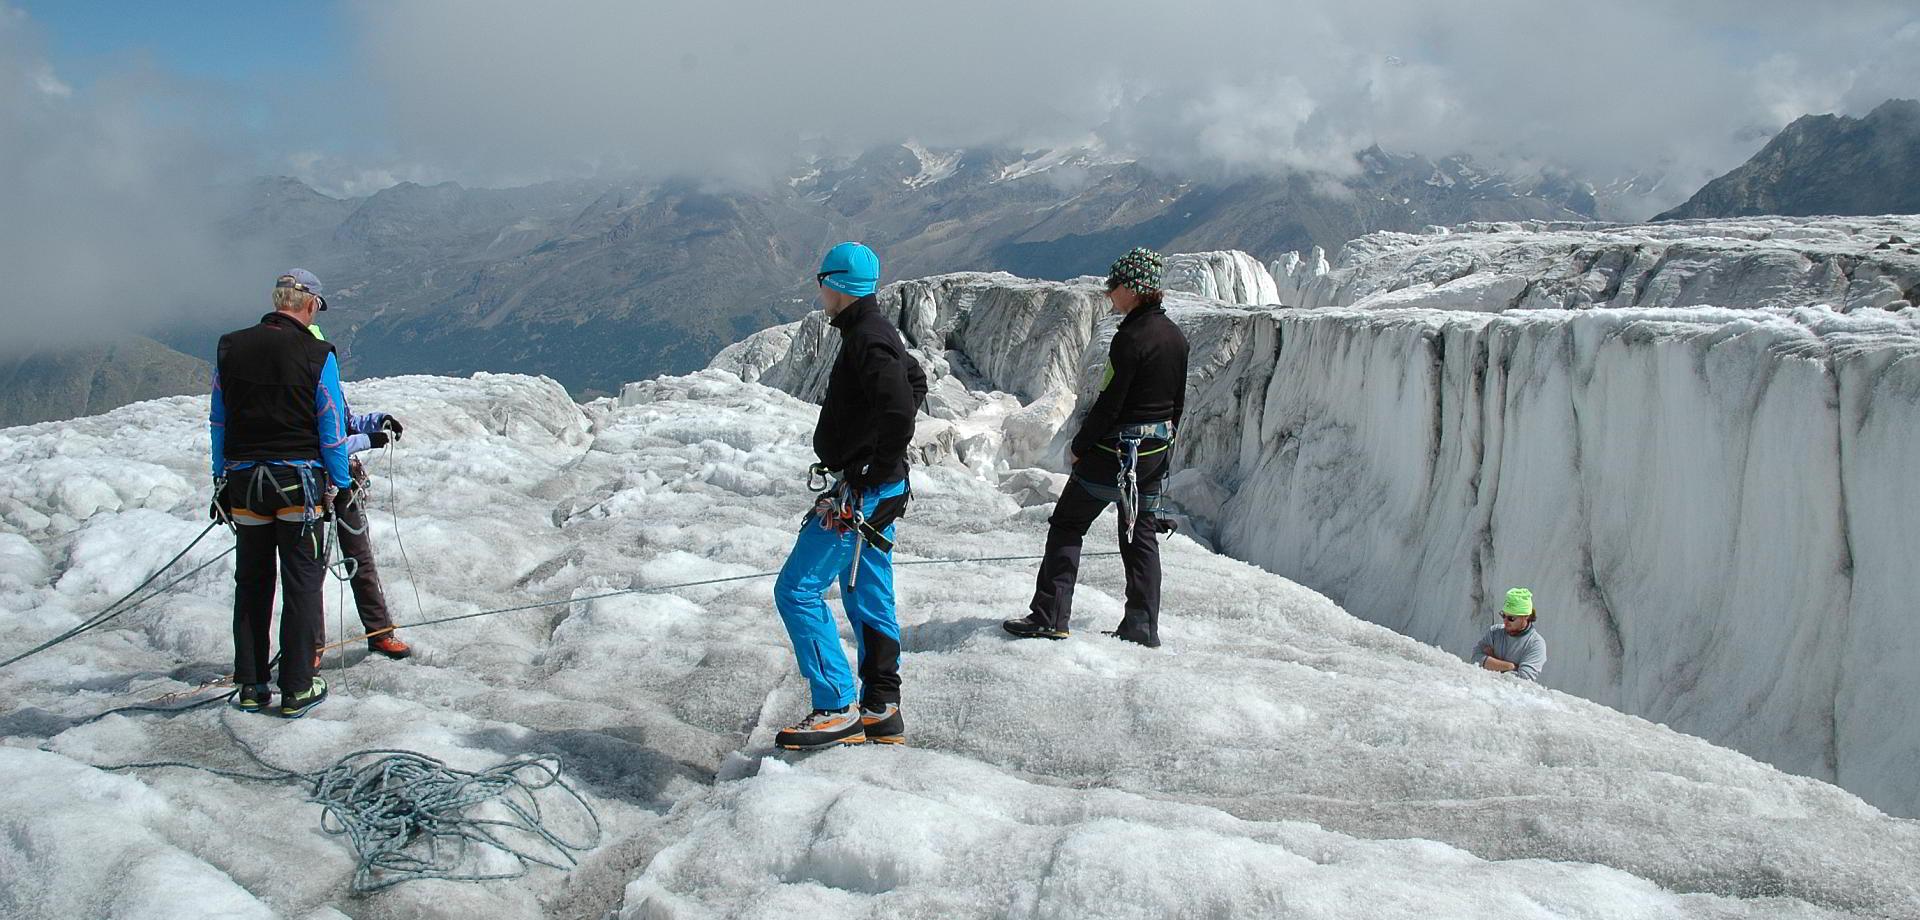 Gletscherkurs Alphubel/Saas Fee